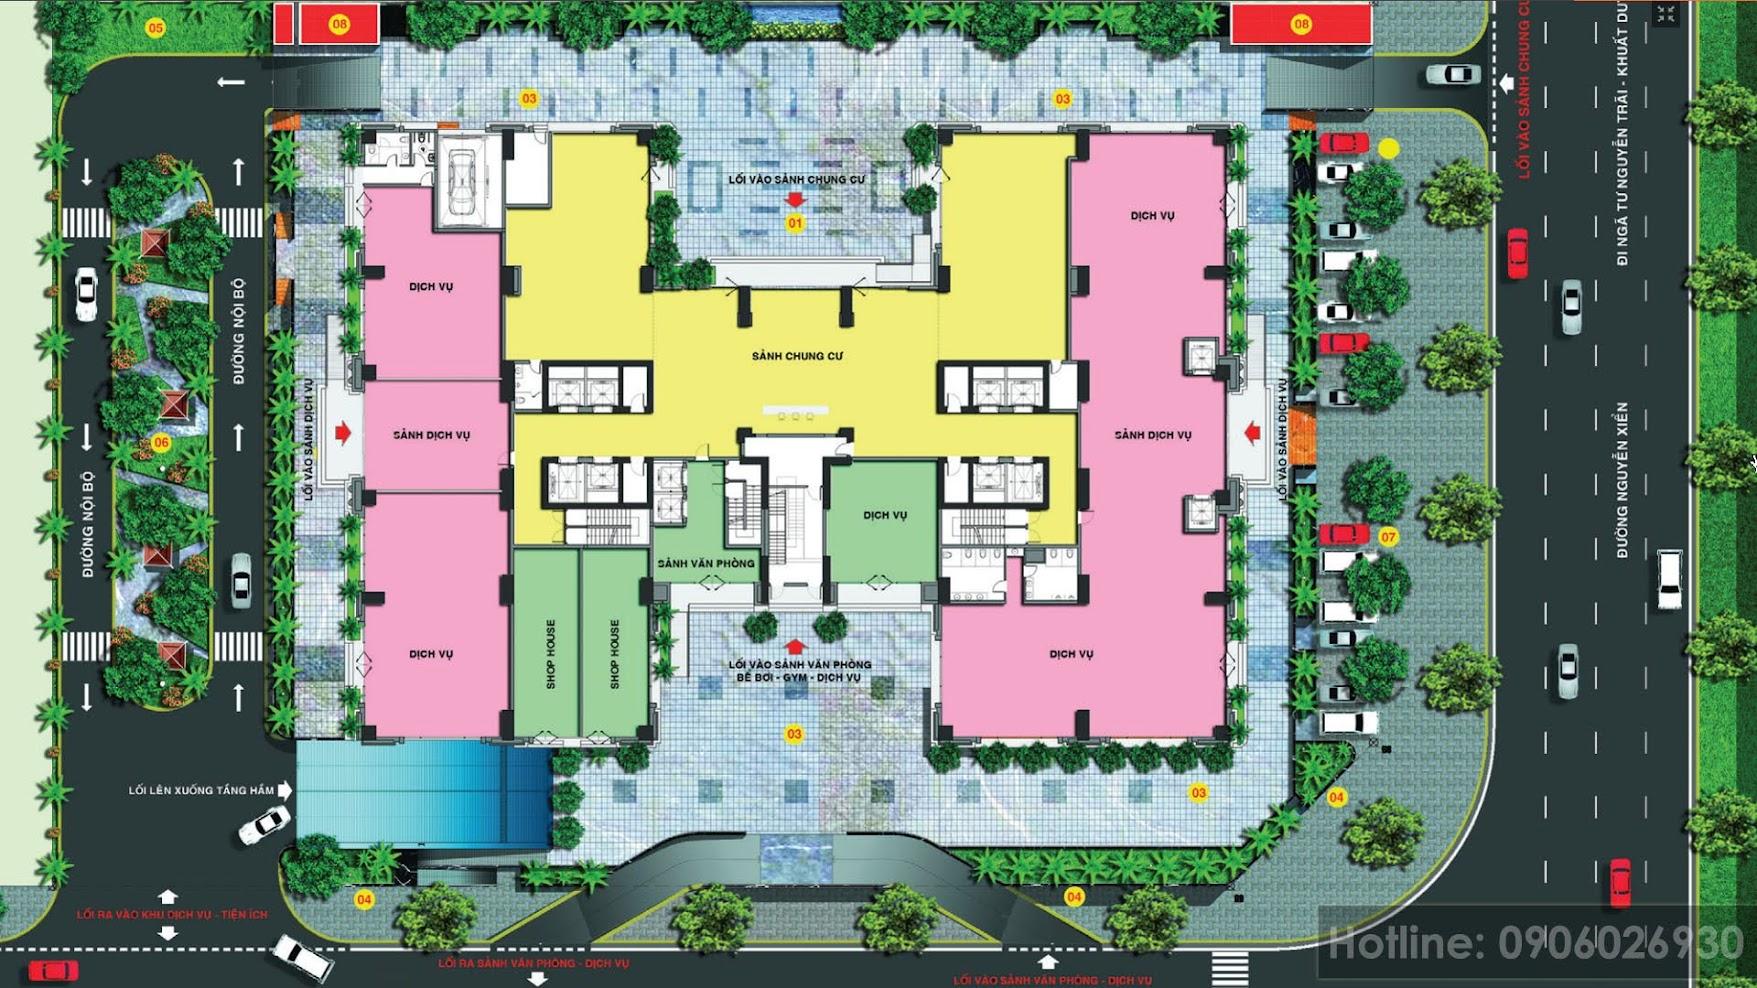 Mặt bằng tầng 1, lối vào căn hộ riêng biệt, tăng mức độ an ninh